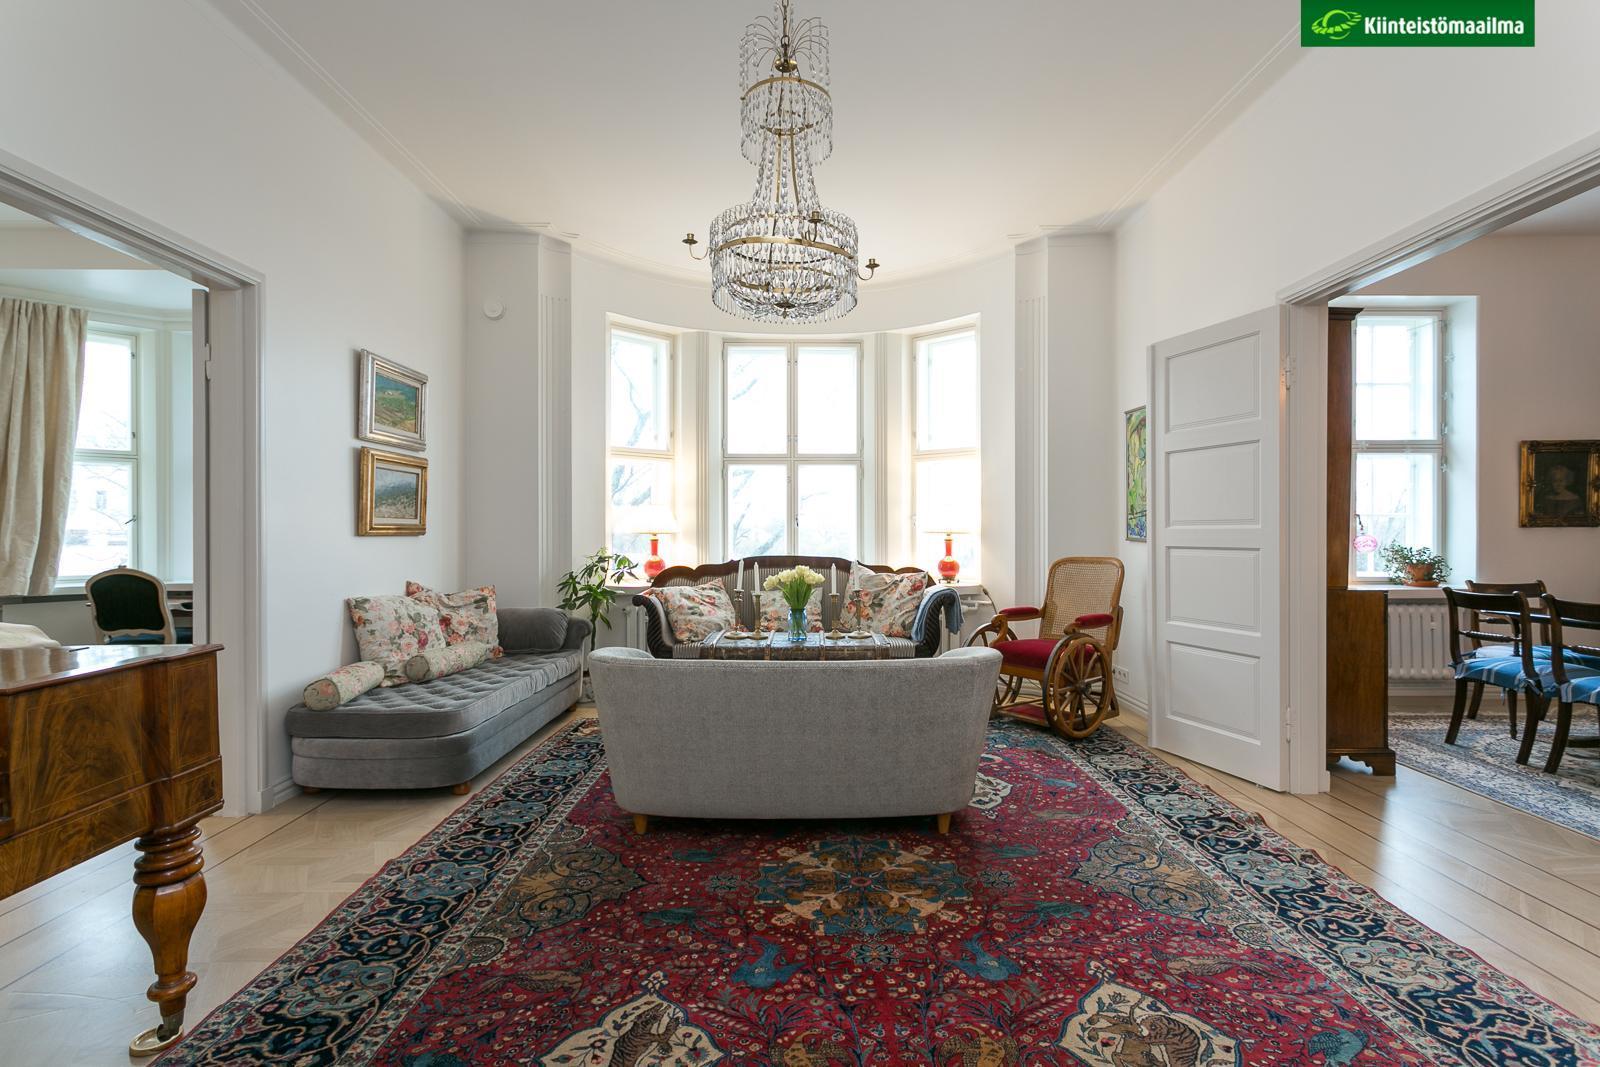 Erkkeri ikkunat ja itämainen matto olohuoneessa  Etuovi com Ideat & vinkit